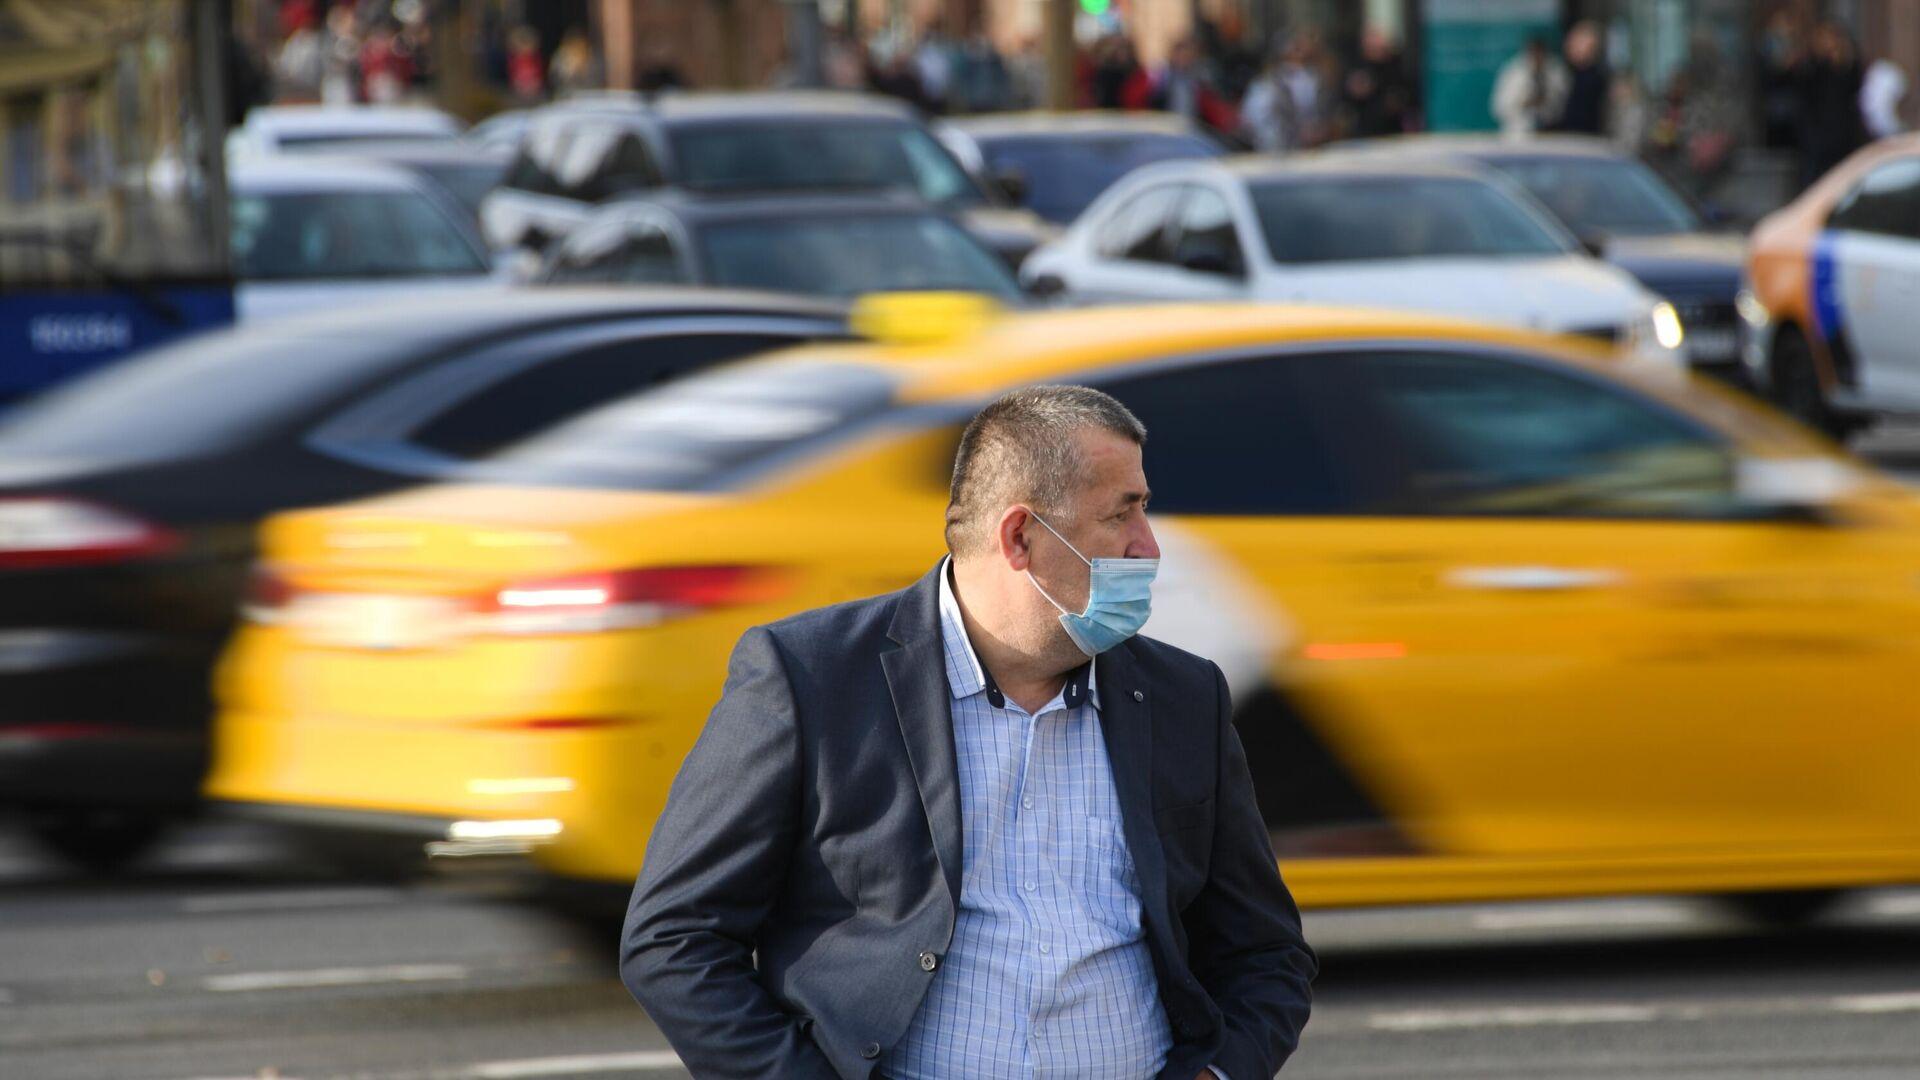 Мужчина в медицинской маске на одной из улиц в Москве. В Москве усилен контроль за соблюдением масочного режима - РИА Новости, 1920, 24.07.2021